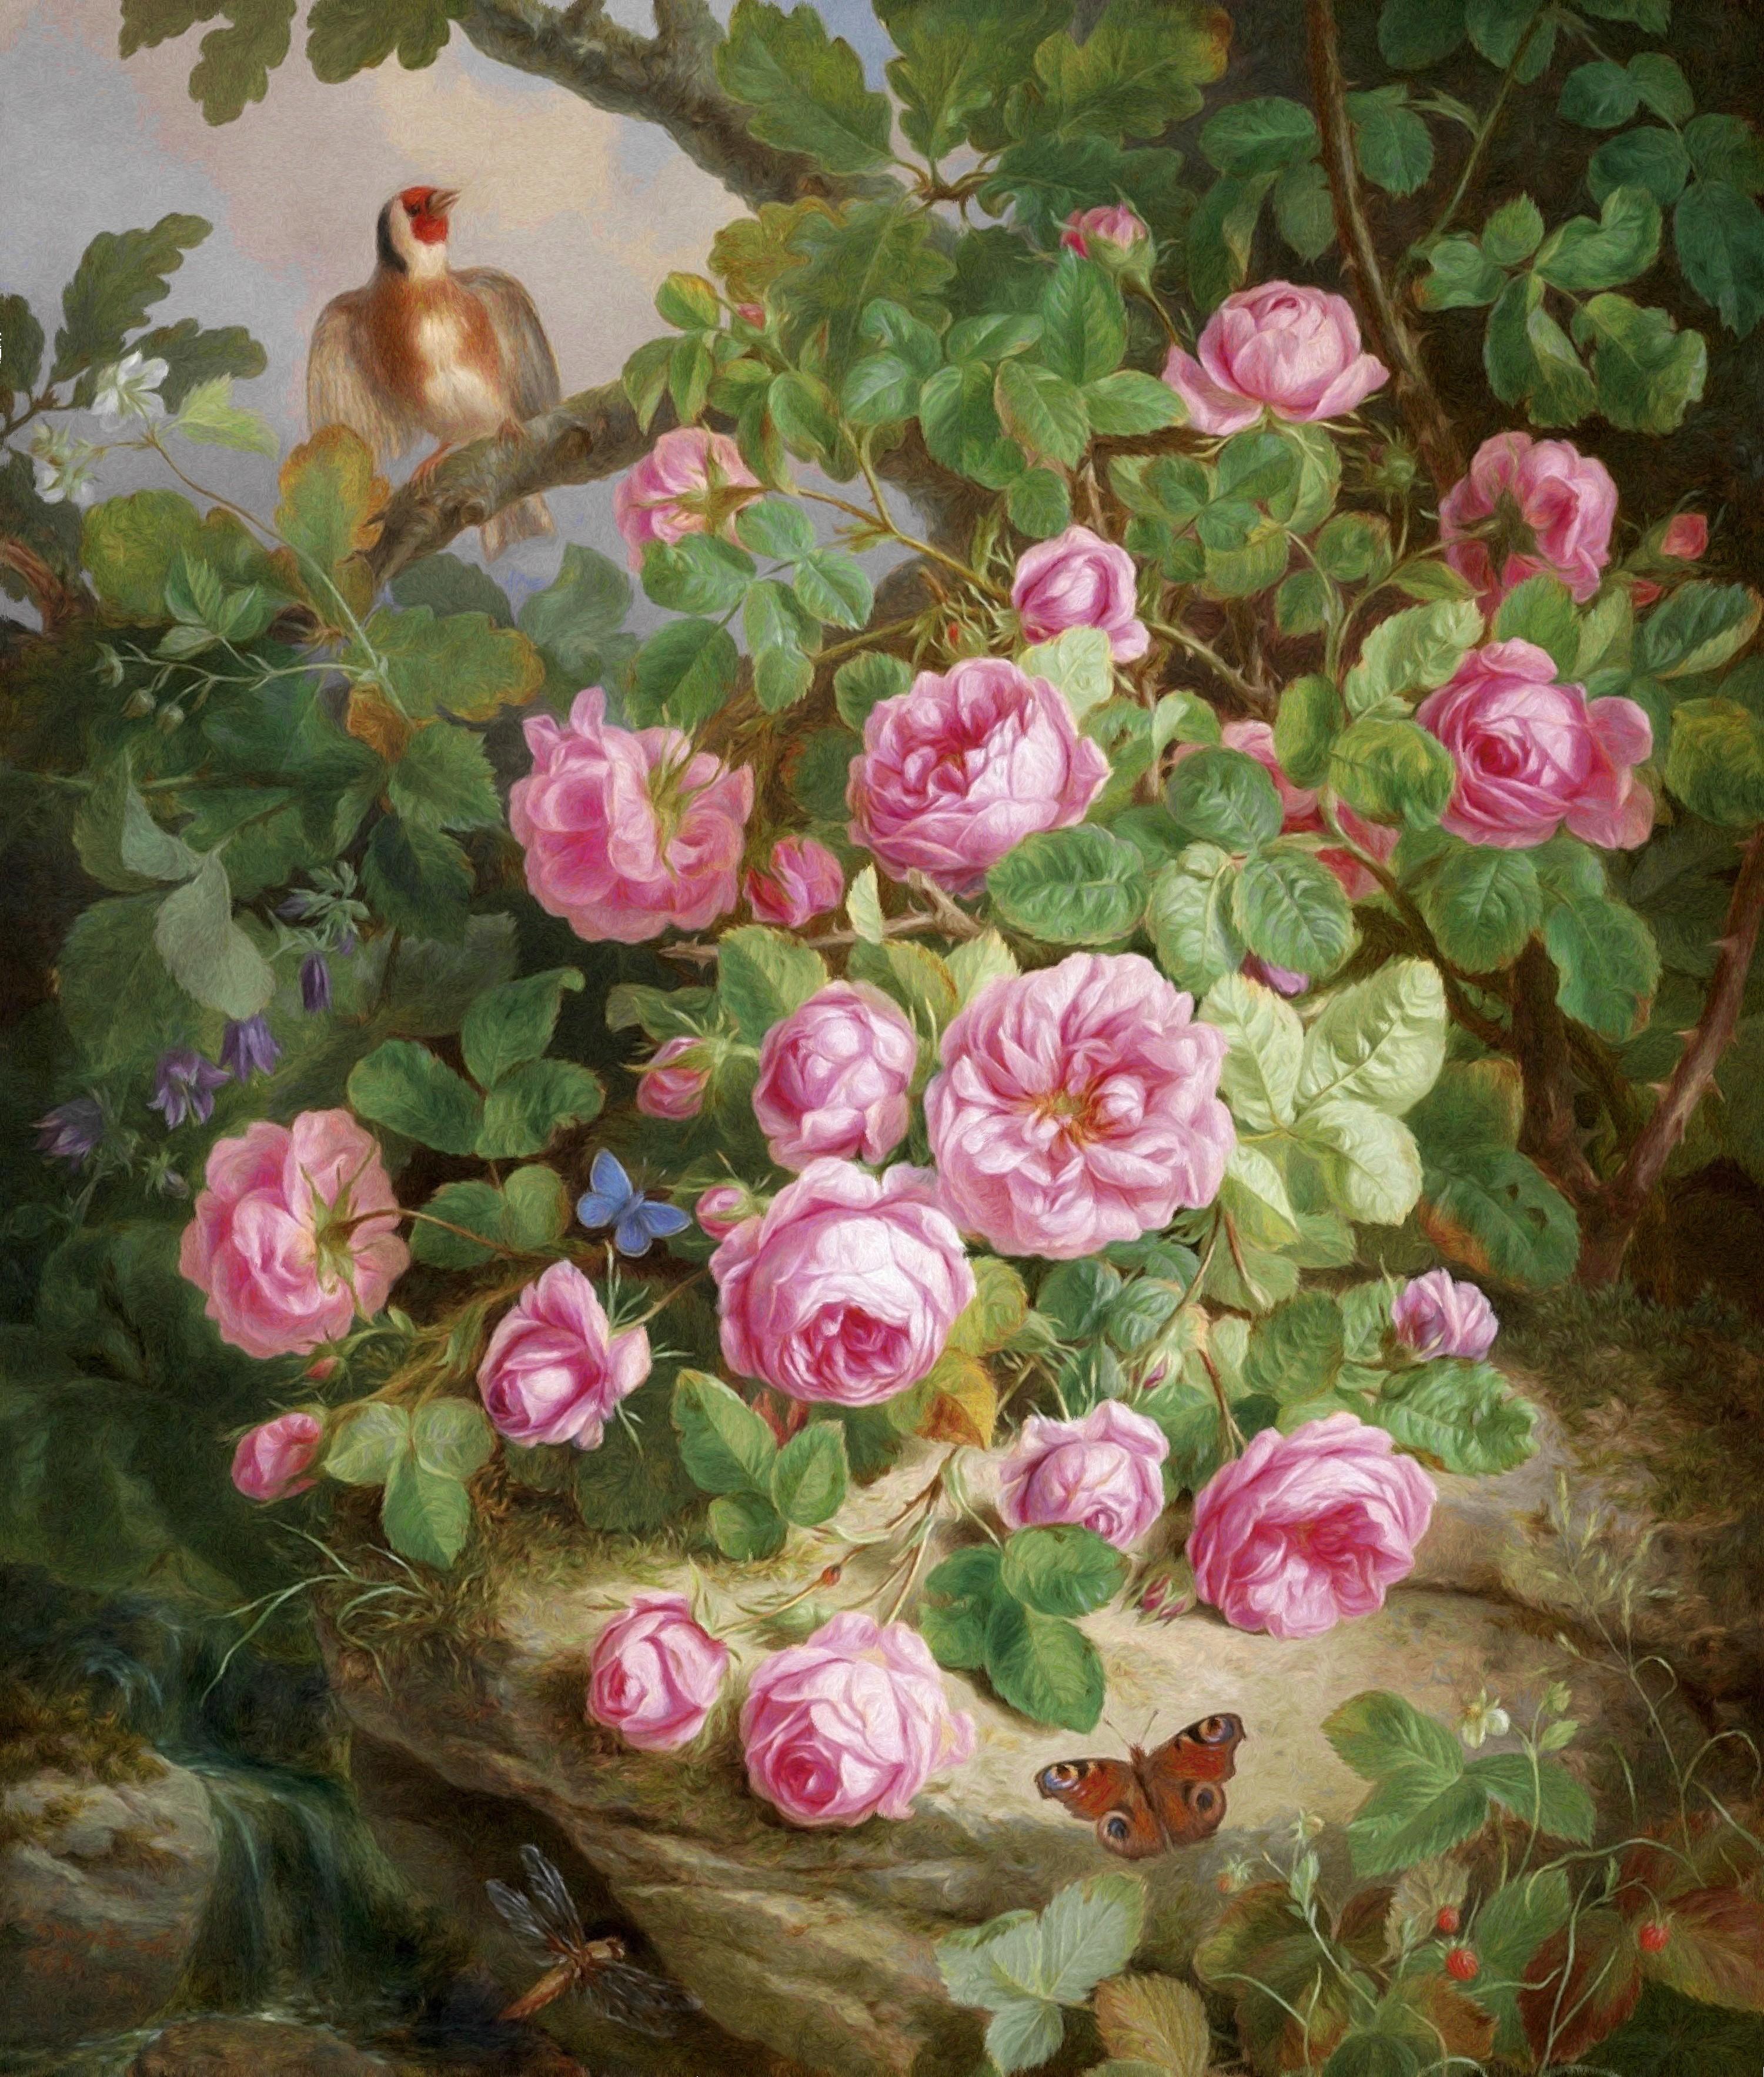 Нарисованные розы - 2ebb